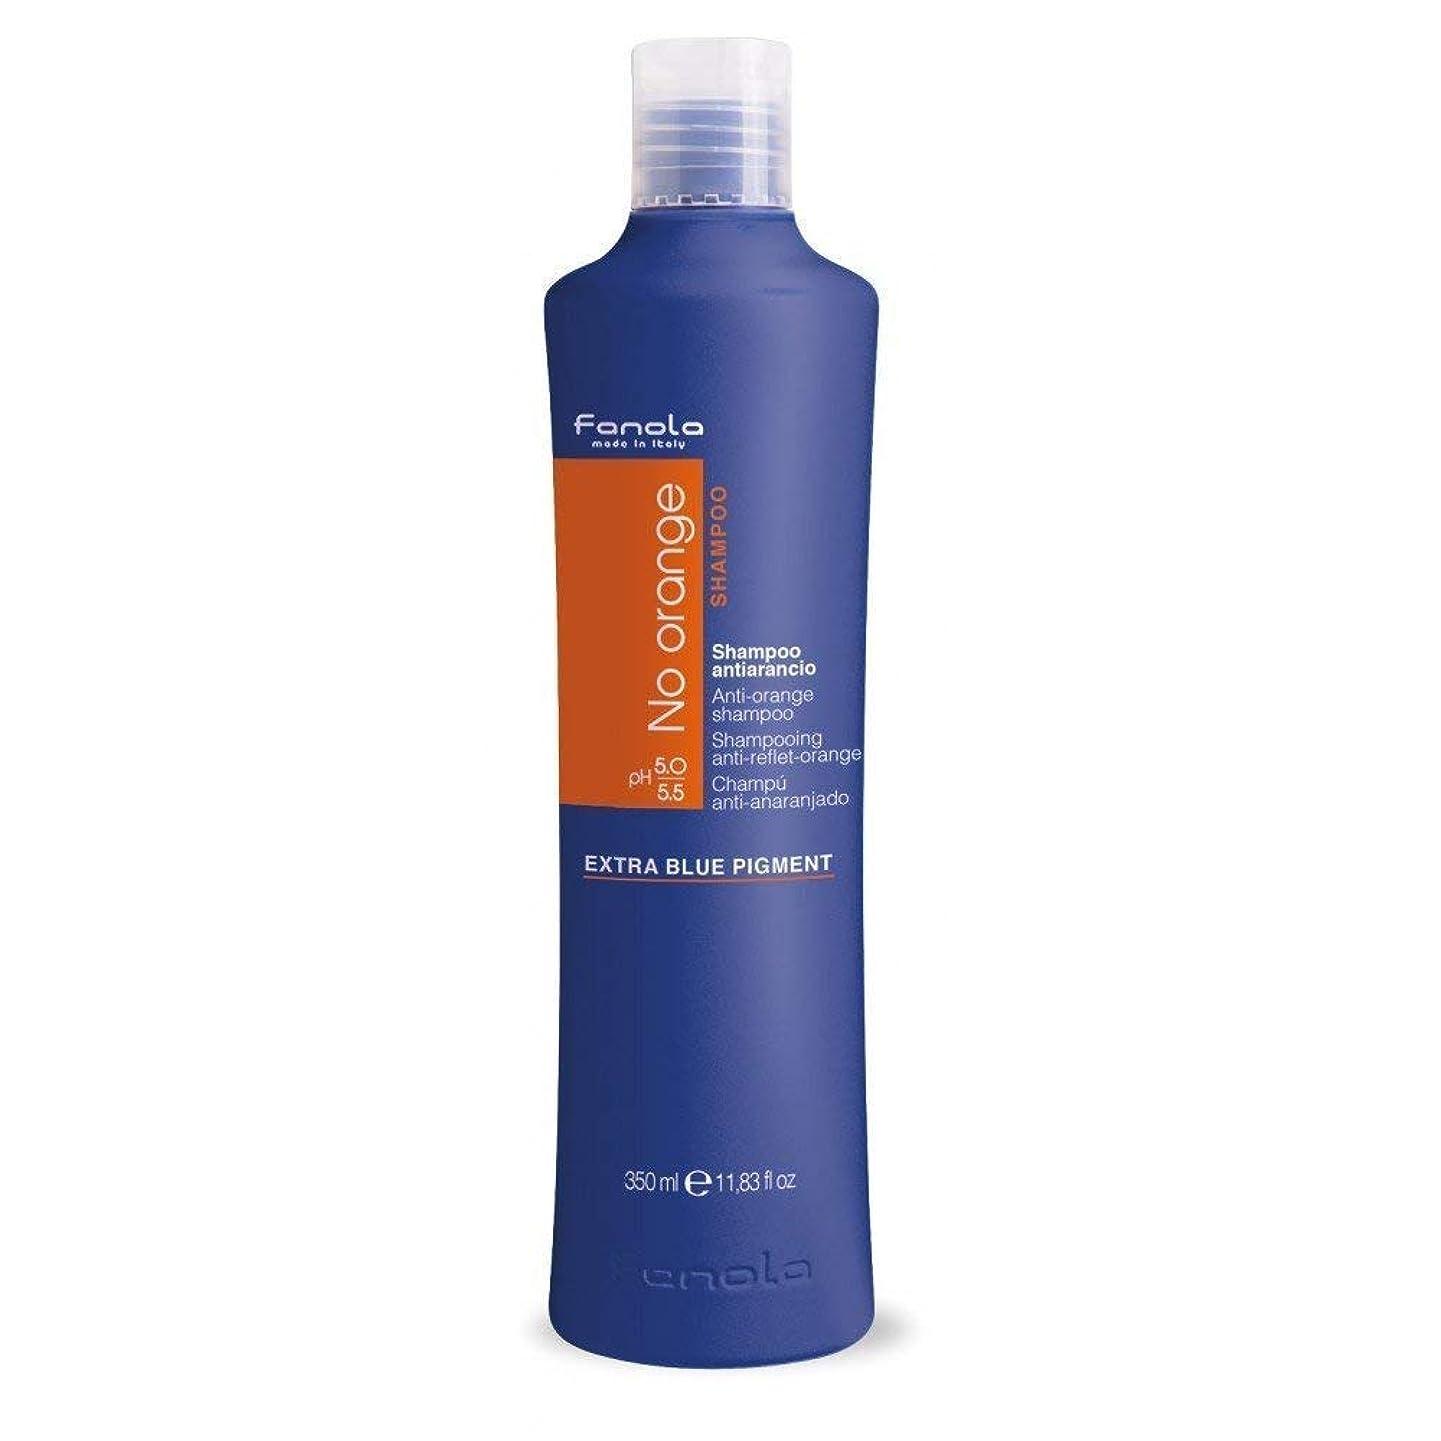 ベースぼろ立場Fanola No Orange Shampoo 350 ml  青カラーシャンプー ノーオレンジ シャンプー 海外直送 [並行輸入品]